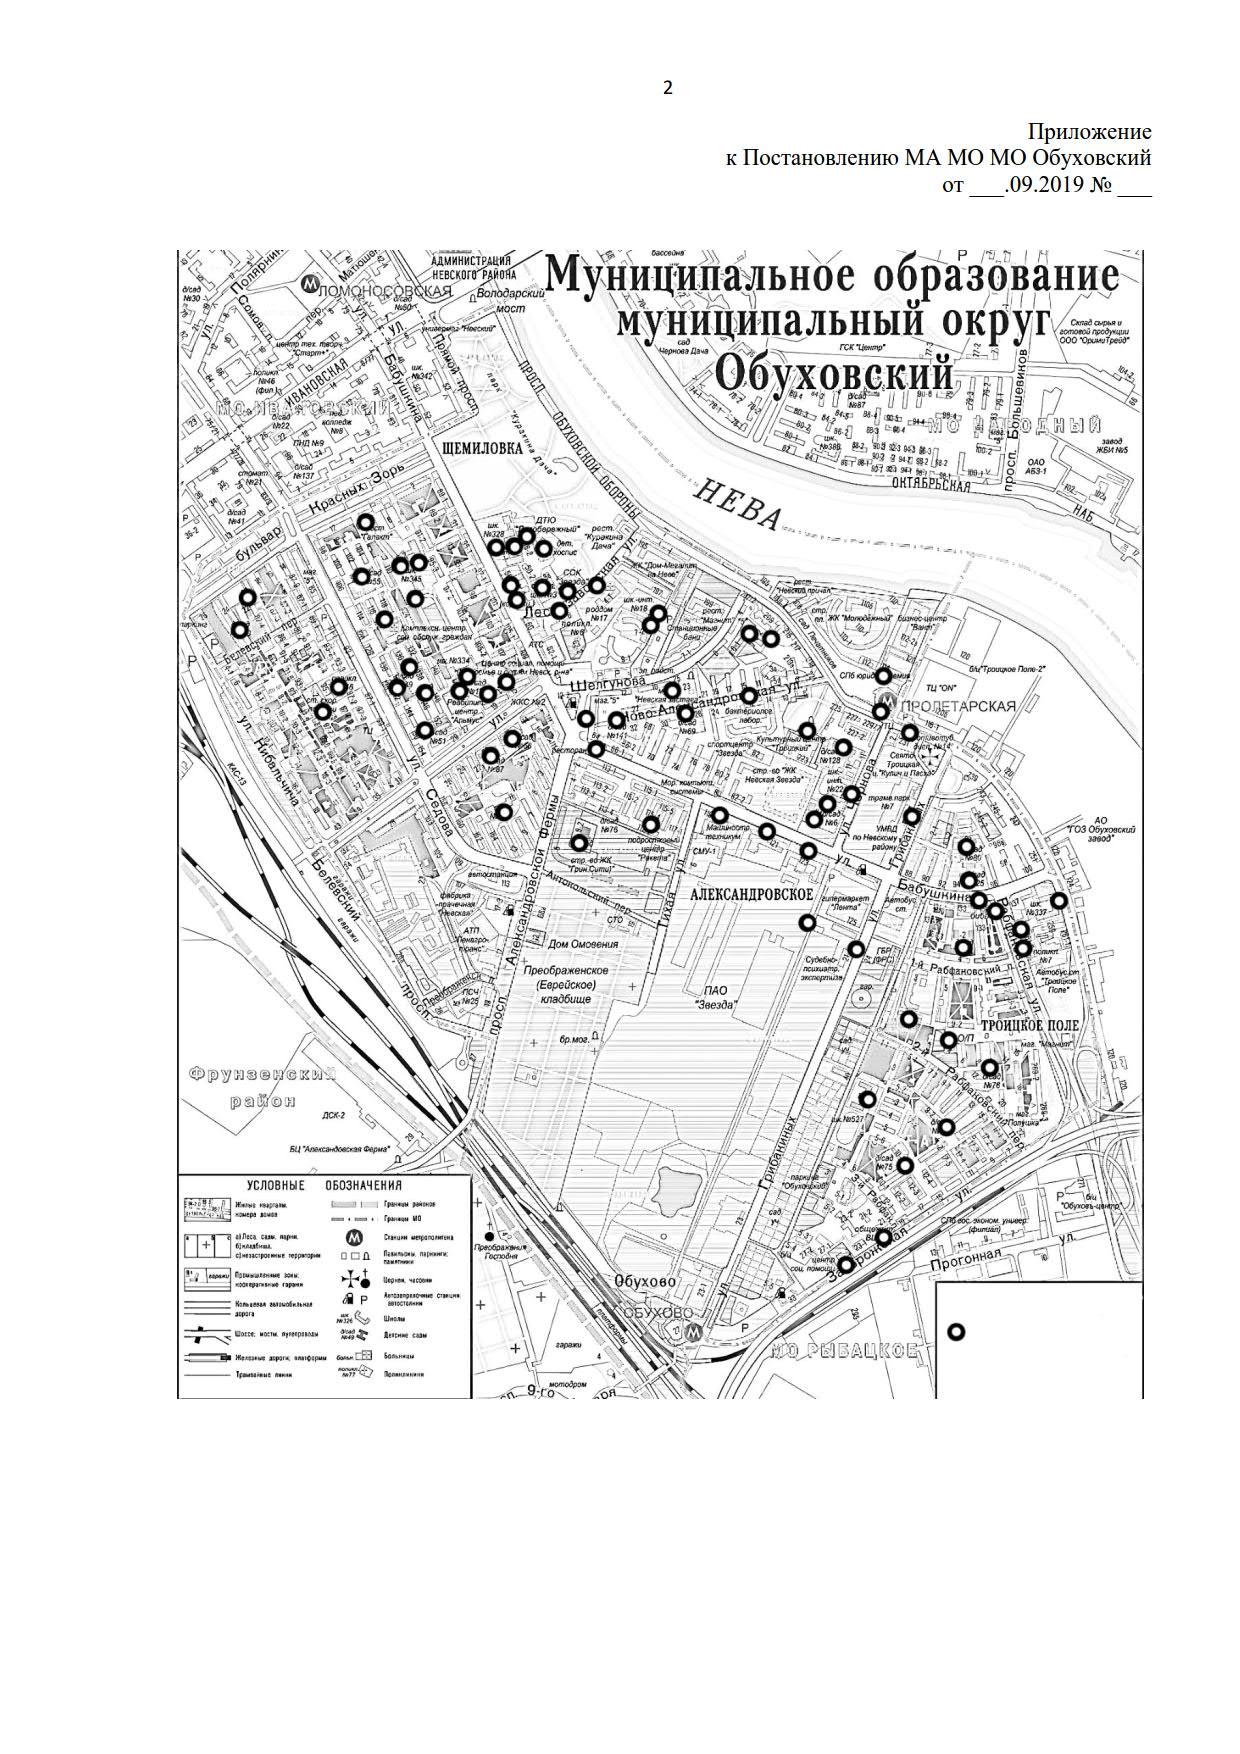 П 00 от 00.09.2019 АЛКОГОЛЬ изменения — проект_1